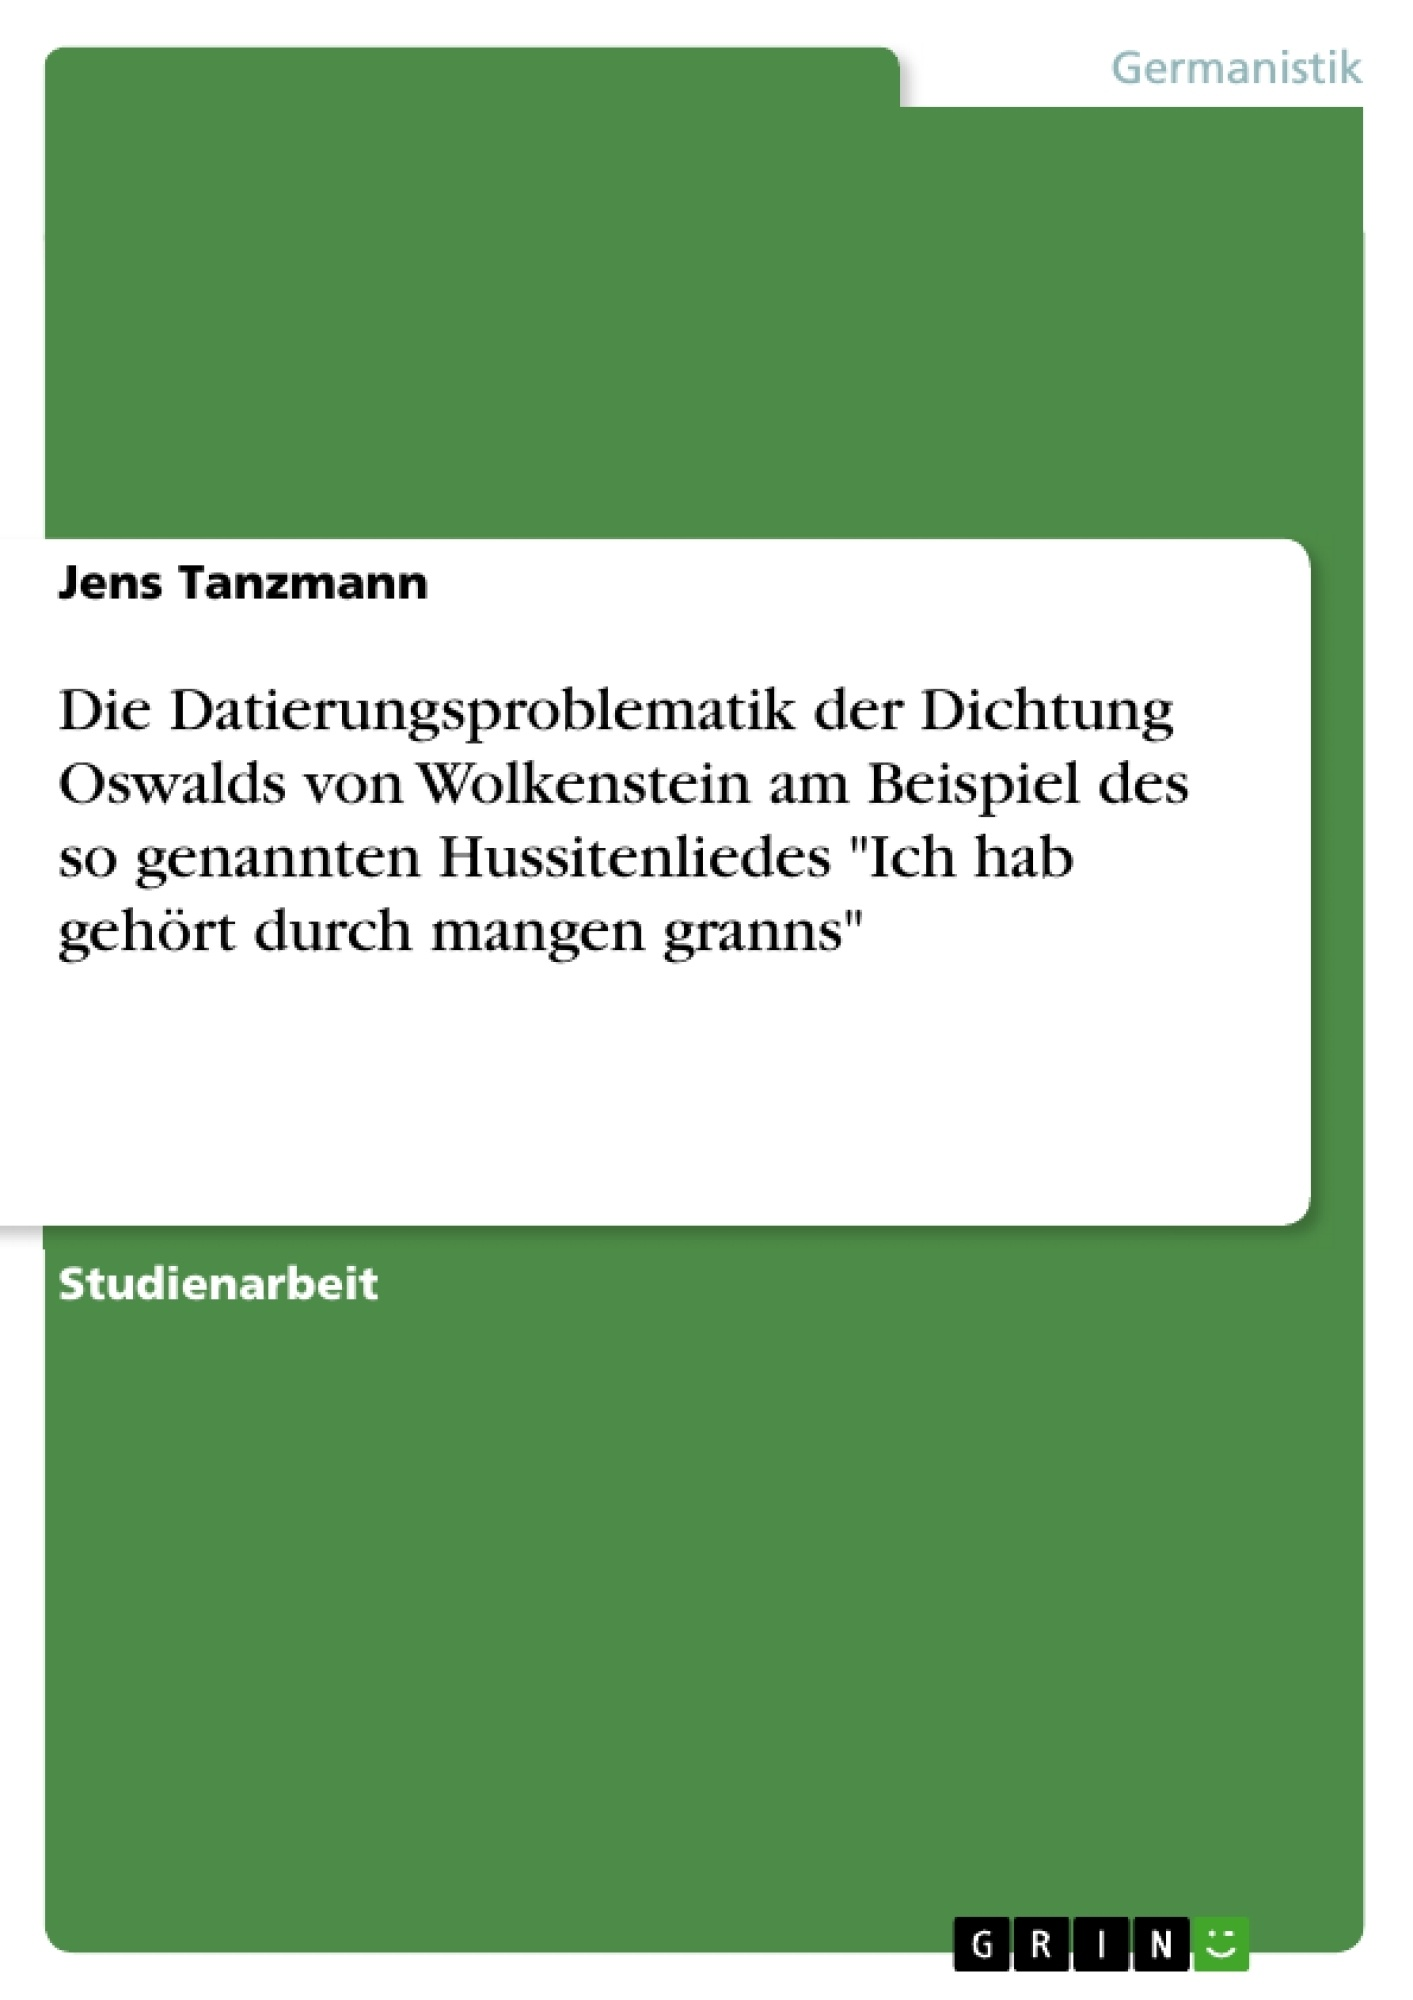 """Titel: Die Datierungsproblematik der Dichtung Oswalds von Wolkenstein am Beispiel des so genannten Hussitenliedes """"Ich hab gehört durch mangen granns"""""""